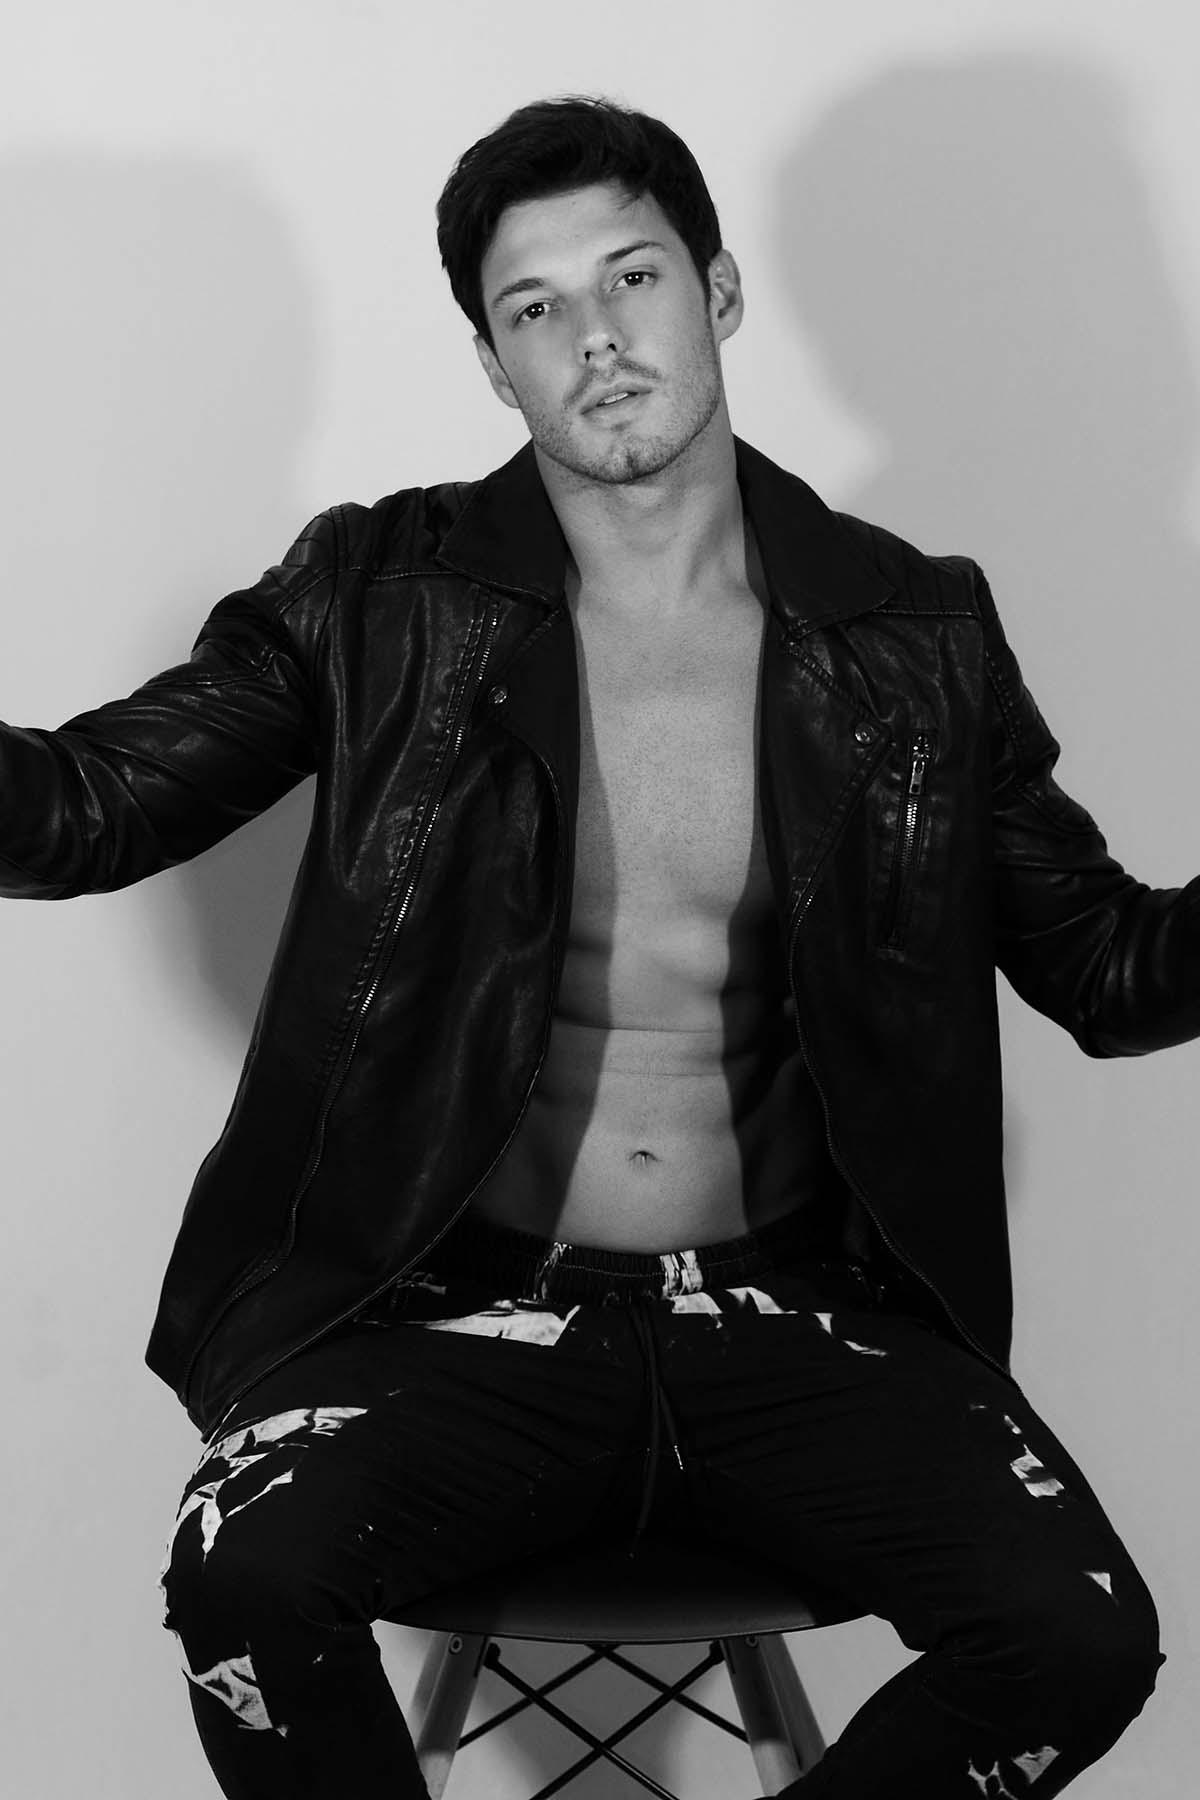 Leo Xavier by Beto Maia for Brazilian Male Model